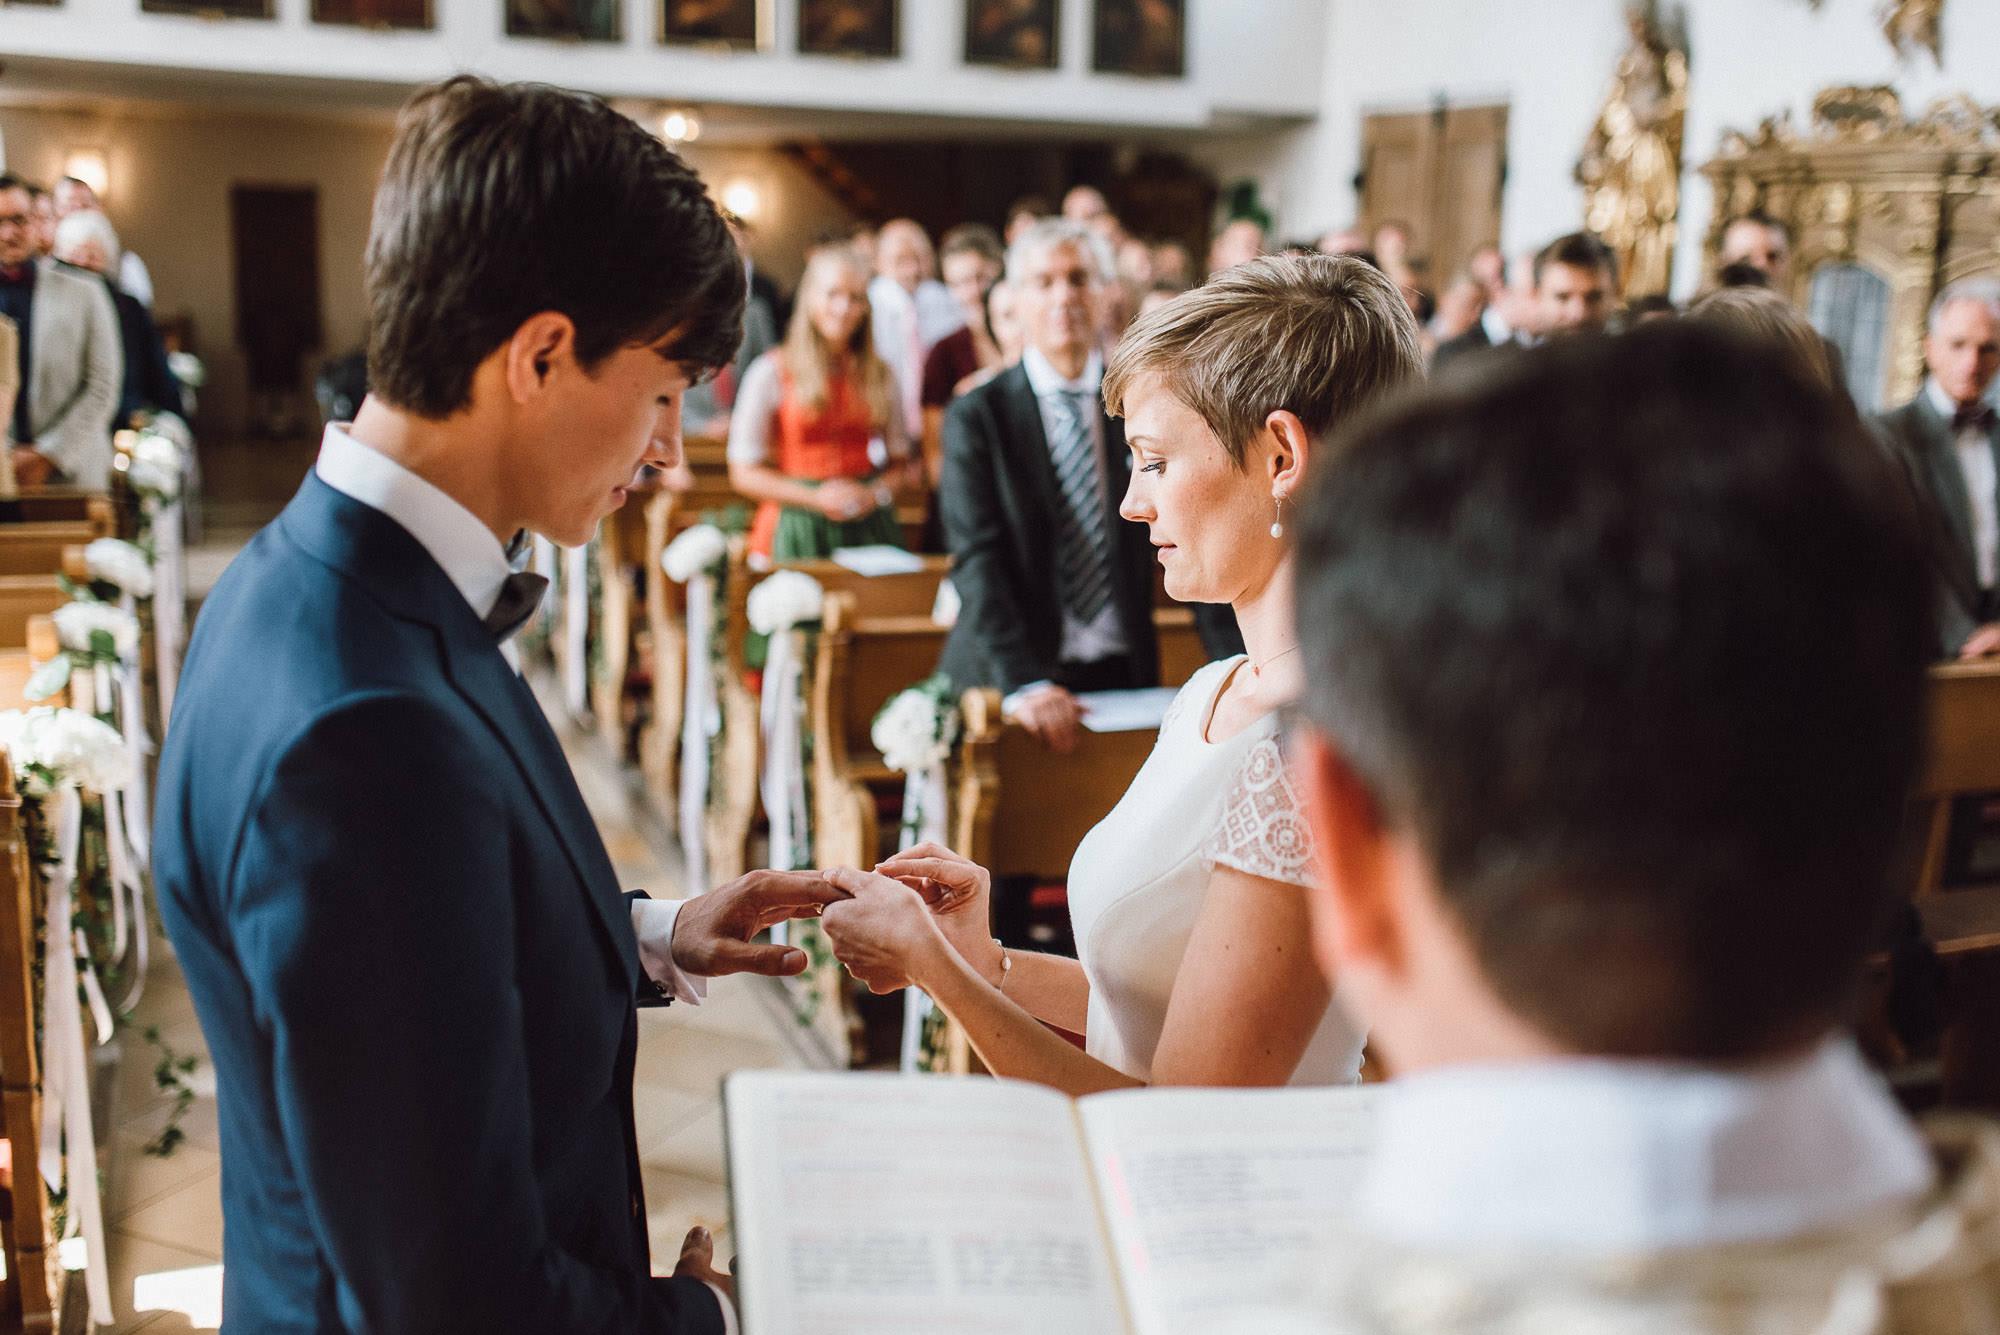 greenery-wedding-hochzeit-prielhof-sukkulenten-scheyern-lauraelenaphotography-046